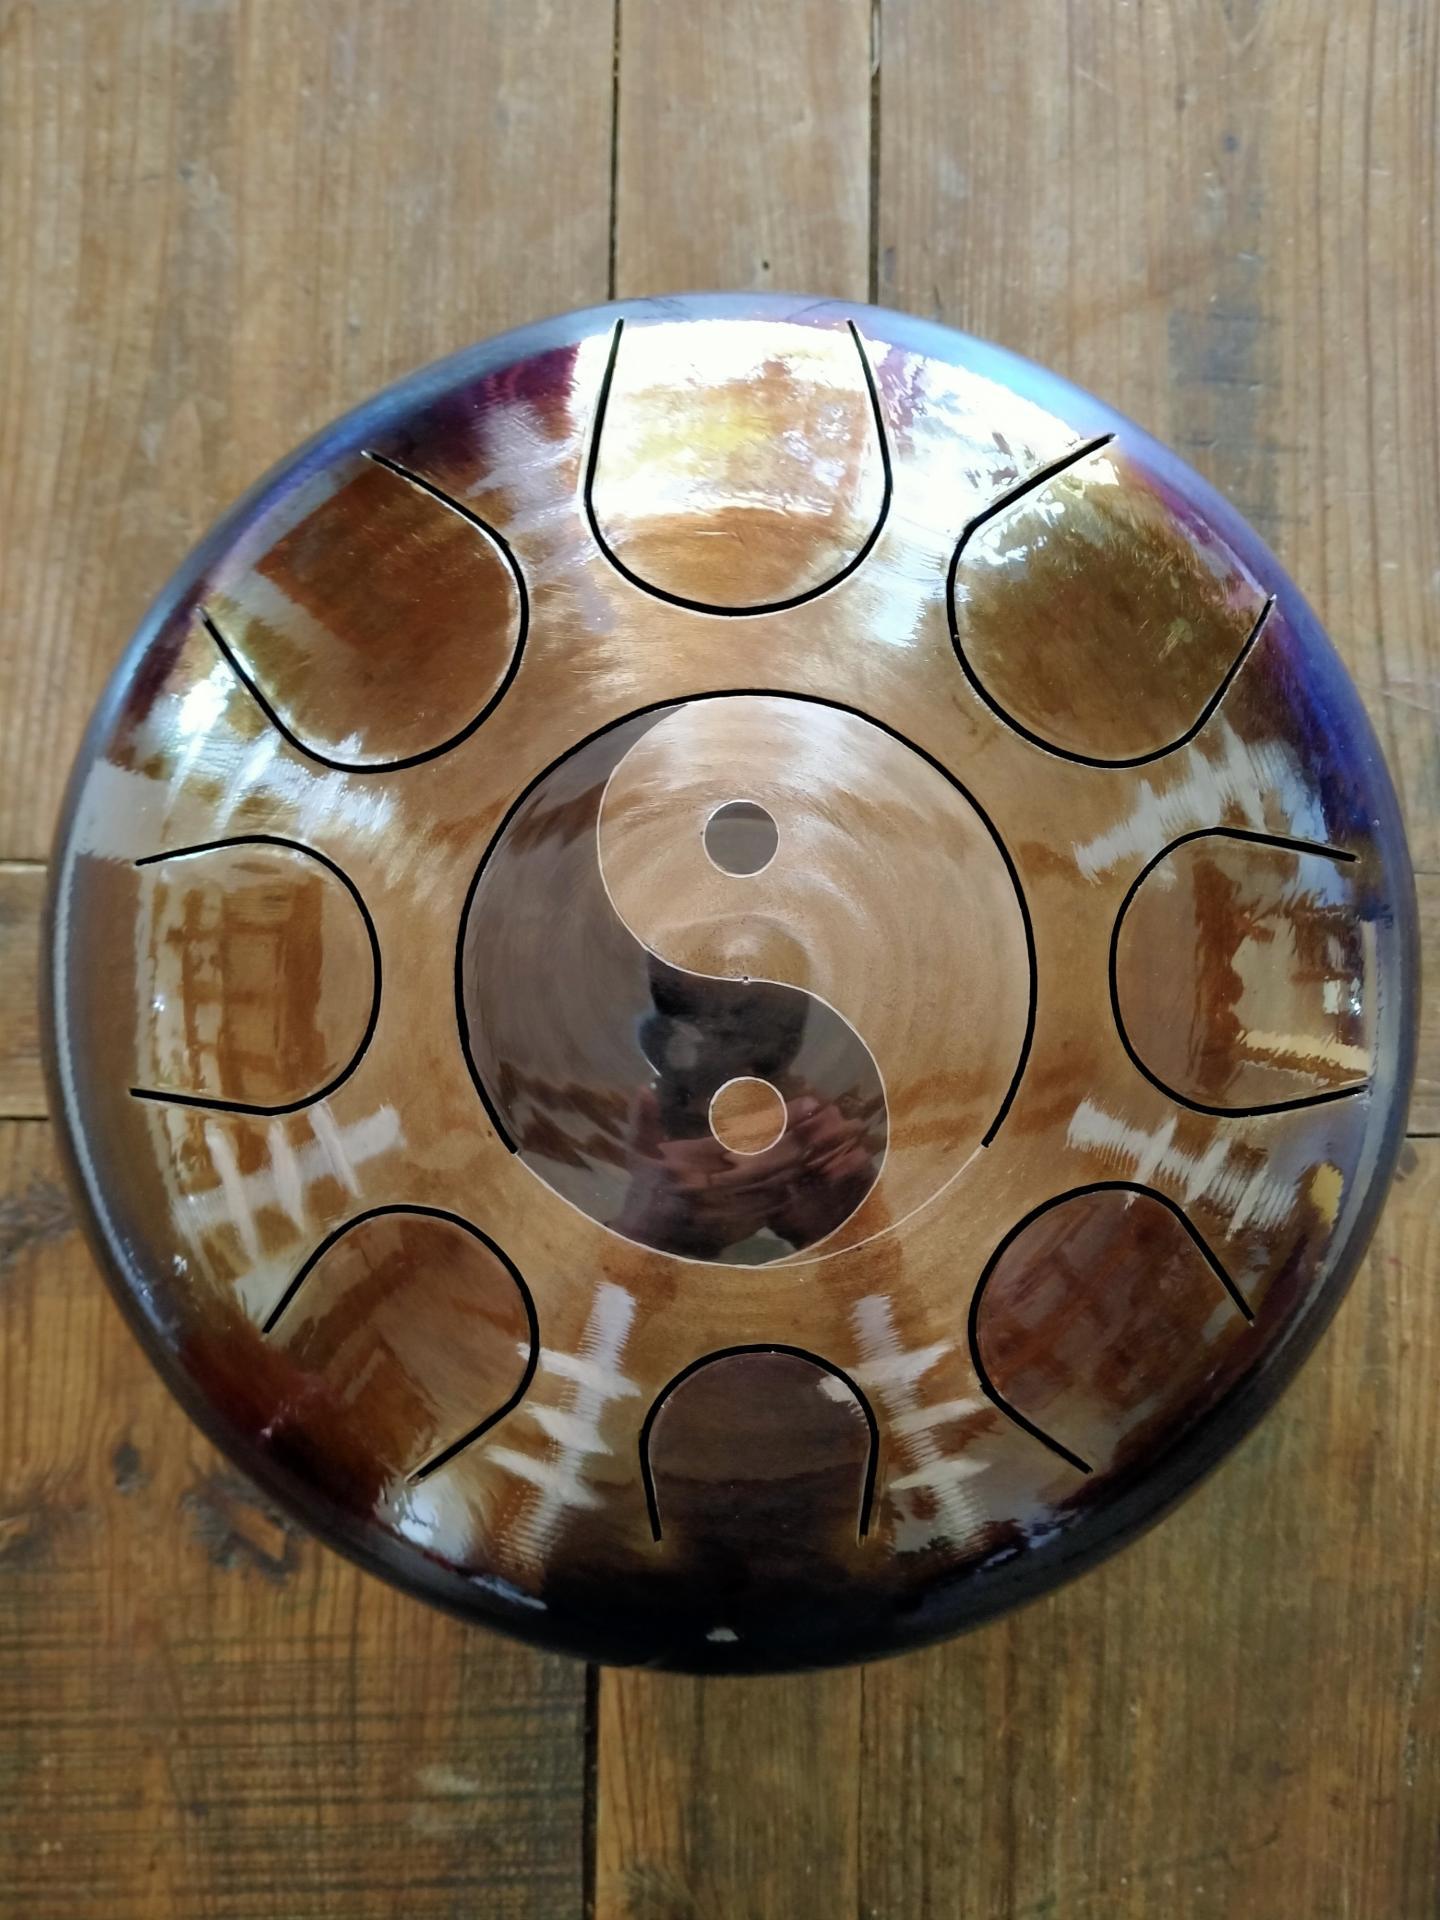 Steel tongue drum avec Om gravé & flambé, Sound circle.